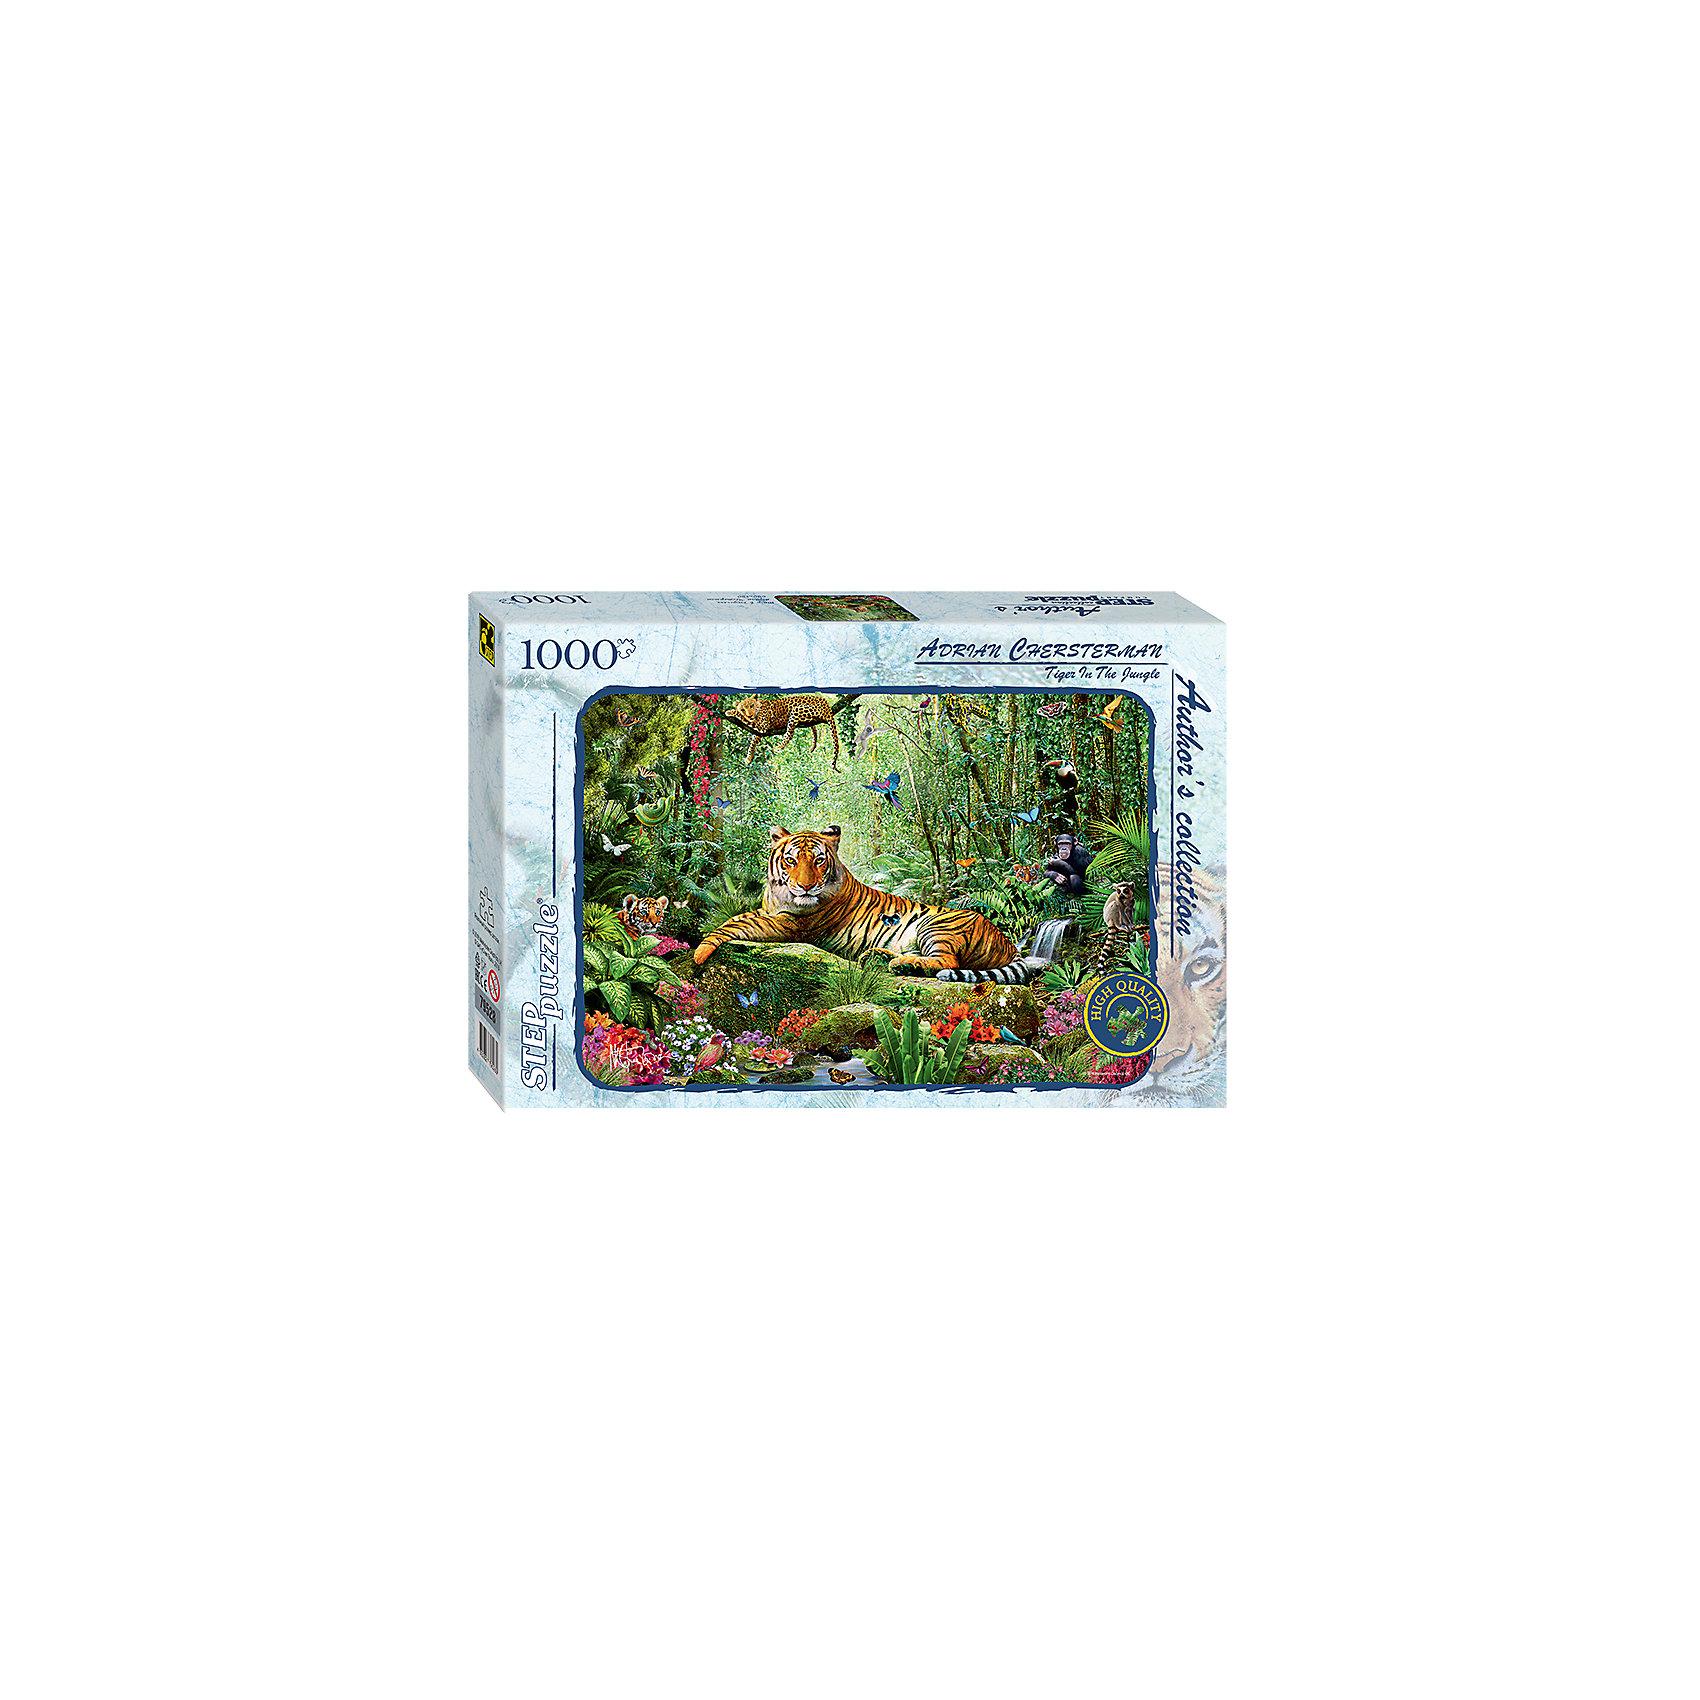 Пазл Тигр в джунглях (Авторская коллекция), 1000 деталей, Step PuzzleКоличество деталей<br>Характеристики товара:<br><br>- цвет: разноцветный;<br>- материал: картон;<br>- деталей: 1000;<br>- высокая точность подгонки элементов;<br>- отличное качество печати;<br>- упаковка: коробка.<br><br>Собирать пазлы любят и дети, и взрослые! Это занятие может не только позволять весело проводить время, но и помогать всестороннему развитию ребенка. Изделие представляет собой детали, из которых нужно собрать очень красивую картинку. Все детали отлично проработаны, готовое изображение можно даже зафиксировать на бумаге и украсить им интерьер!<br>Собирание пазлов поможет формированию разных навыков, оно помогает развить тактильное восприятие, мелкую моторику, воображение, внимание и логику. Изделие произведено из качественных материалов, безопасных для ребенка. Набор станет отличным подарком детям!<br><br>Пазл Тигр в джунглях (Авторская коллекция), 1000 деталей, от бренда Step Puzzle можно купить в нашем интернет-магазине.<br><br>Ширина мм: 400<br>Глубина мм: 270<br>Высота мм: 55<br>Вес г: 780<br>Возраст от месяцев: 84<br>Возраст до месяцев: 180<br>Пол: Унисекс<br>Возраст: Детский<br>SKU: 5138171